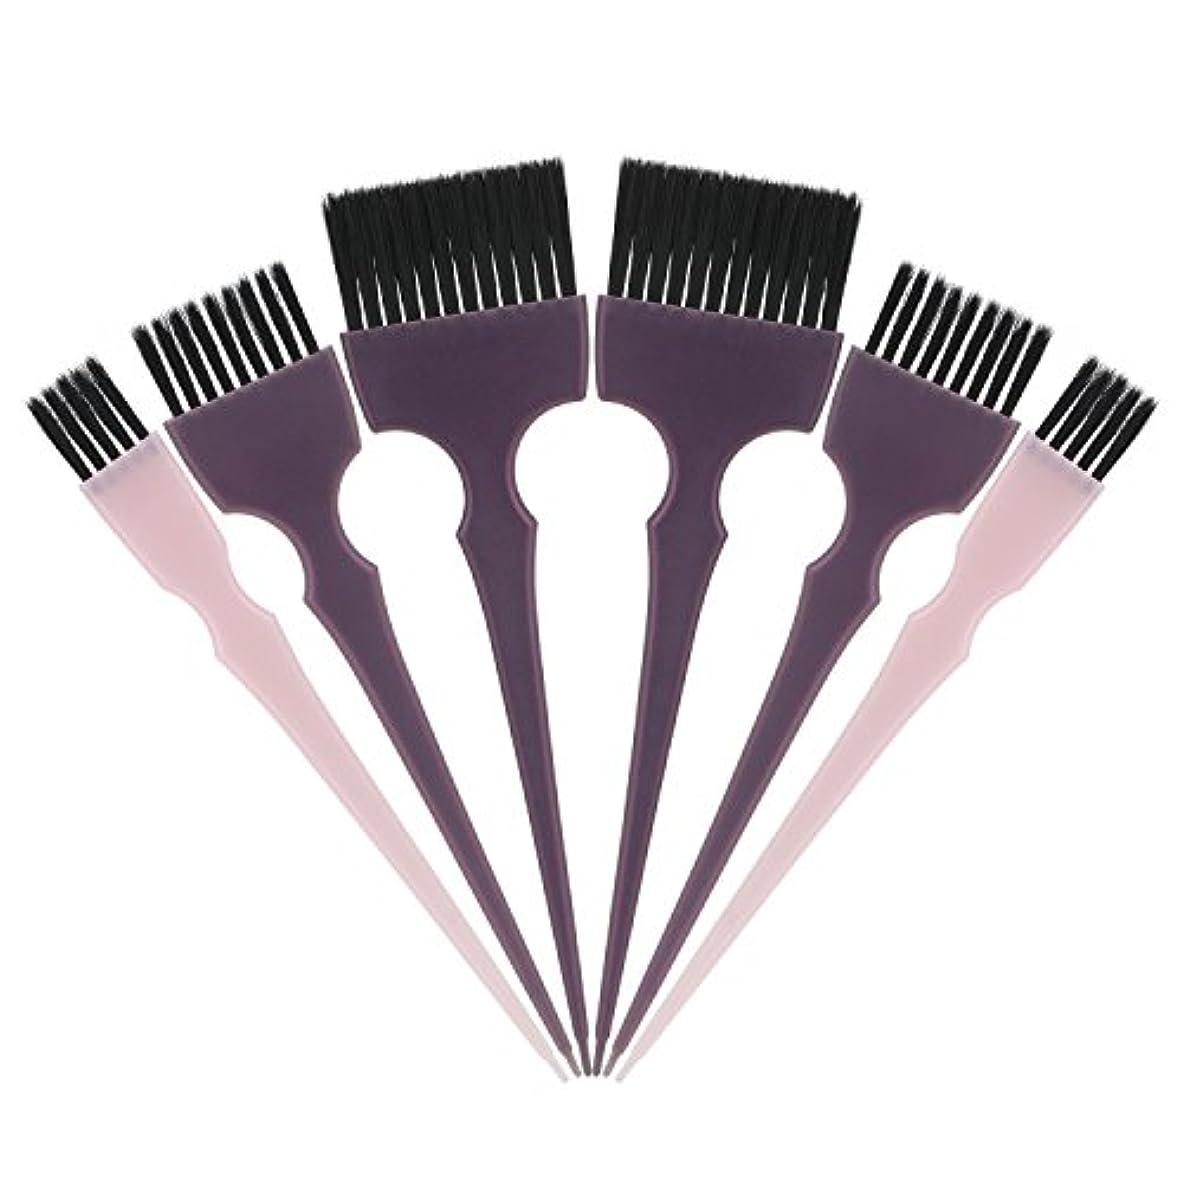 あたたかいズボンどきどきSegbeauty 髪染めのブラシ 六本のセット サロンの美髪用 プロのヘアカラーリング用